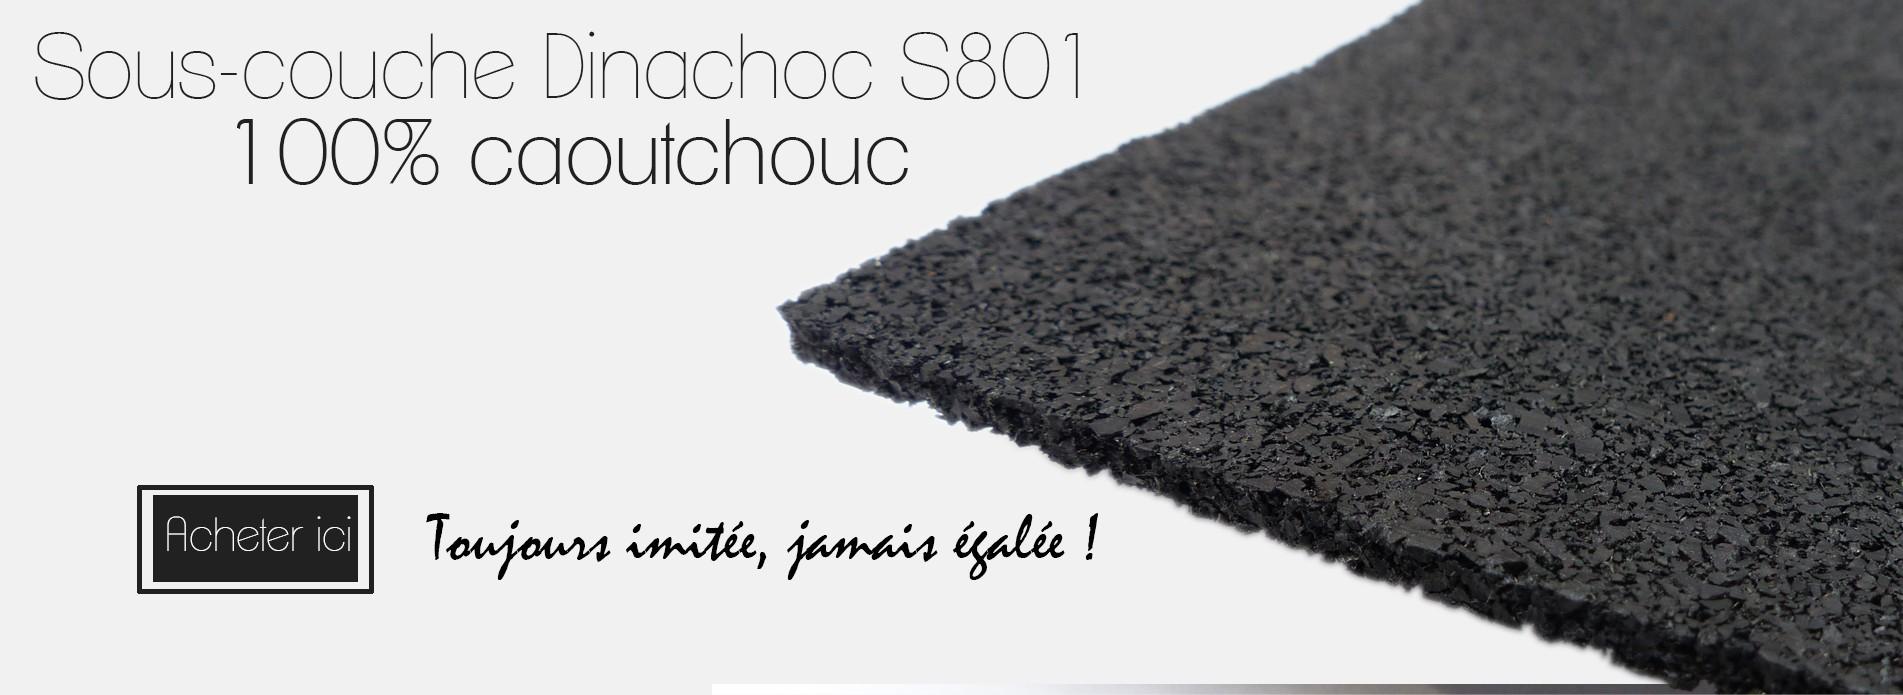 Sous Couche Dinachoc S801